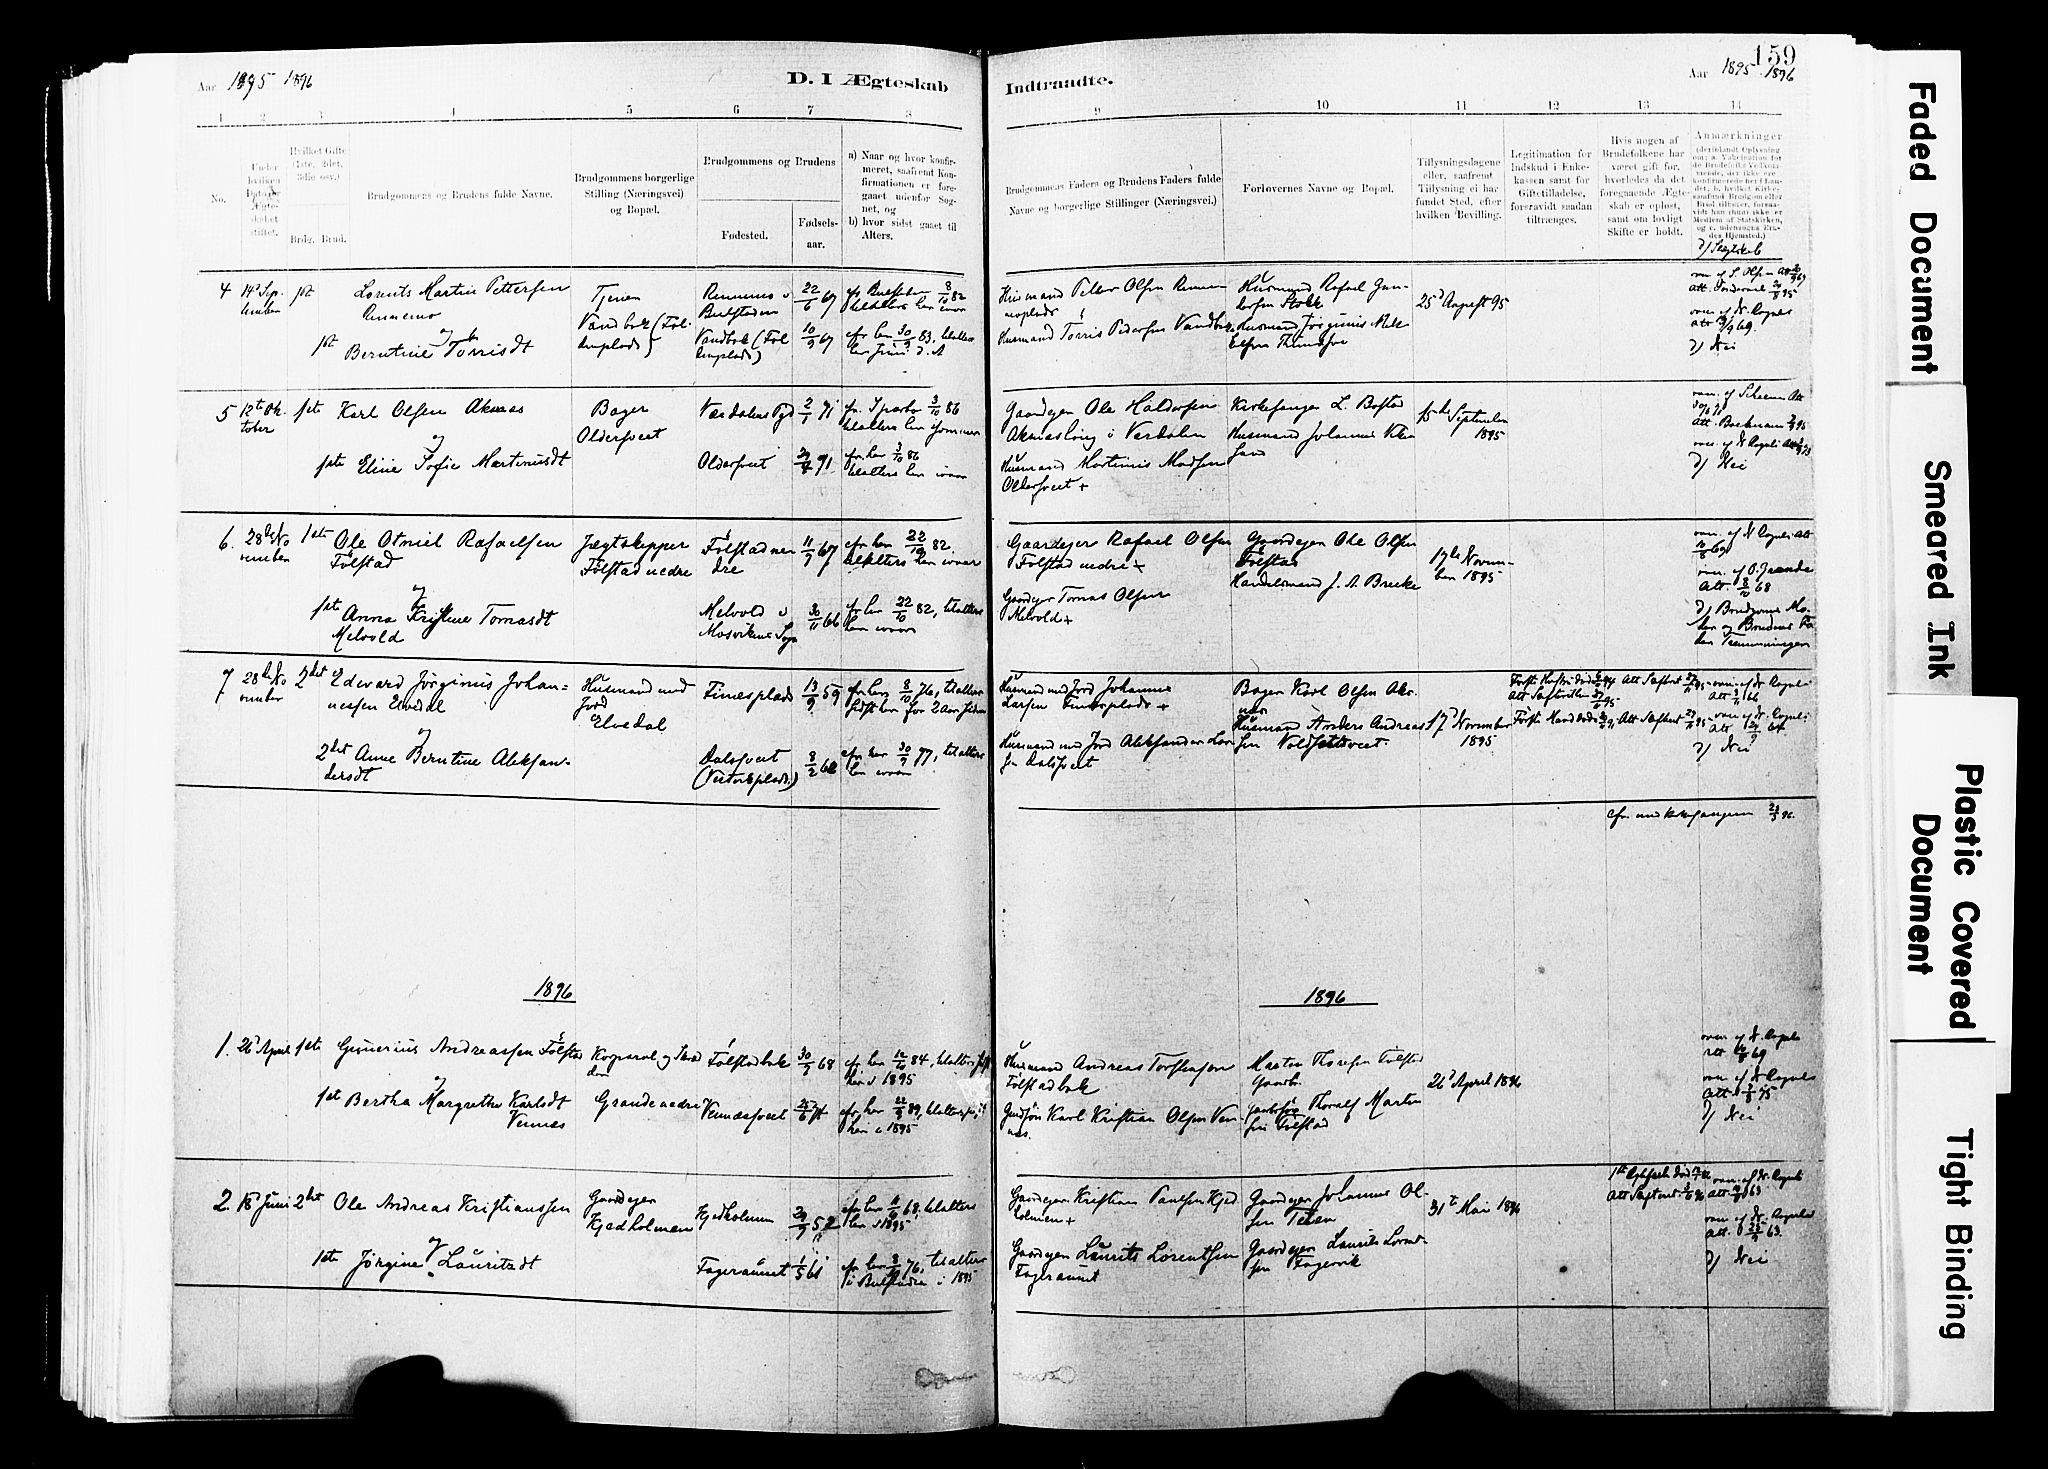 SAT, Ministerialprotokoller, klokkerbøker og fødselsregistre - Nord-Trøndelag, 744/L0420: Ministerialbok nr. 744A04, 1882-1904, s. 159